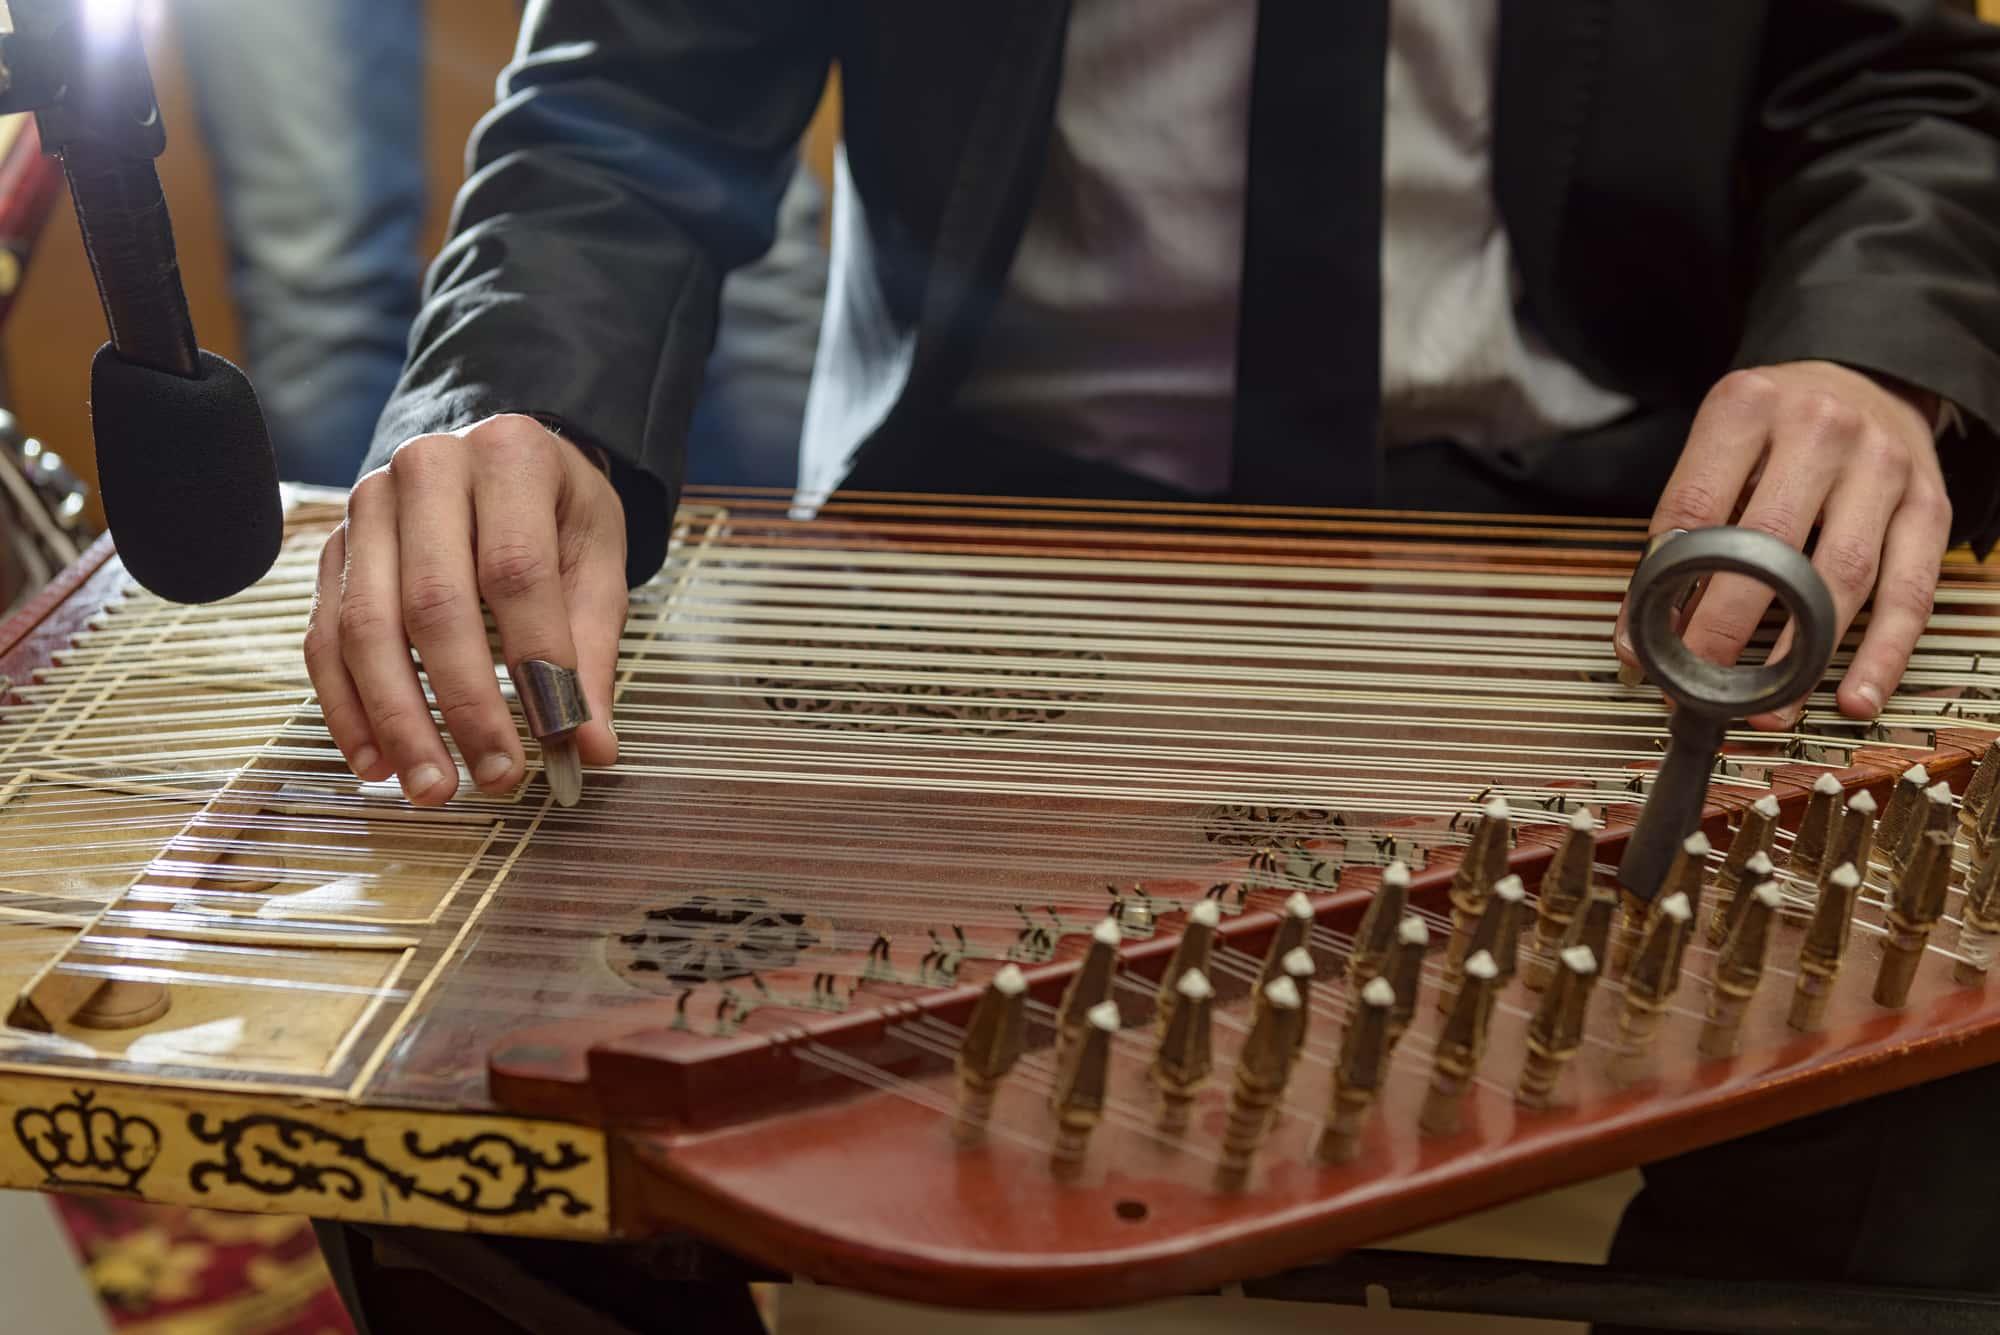 מוזיקה ערבית - עולם עשיר של צלילים ומרווחים